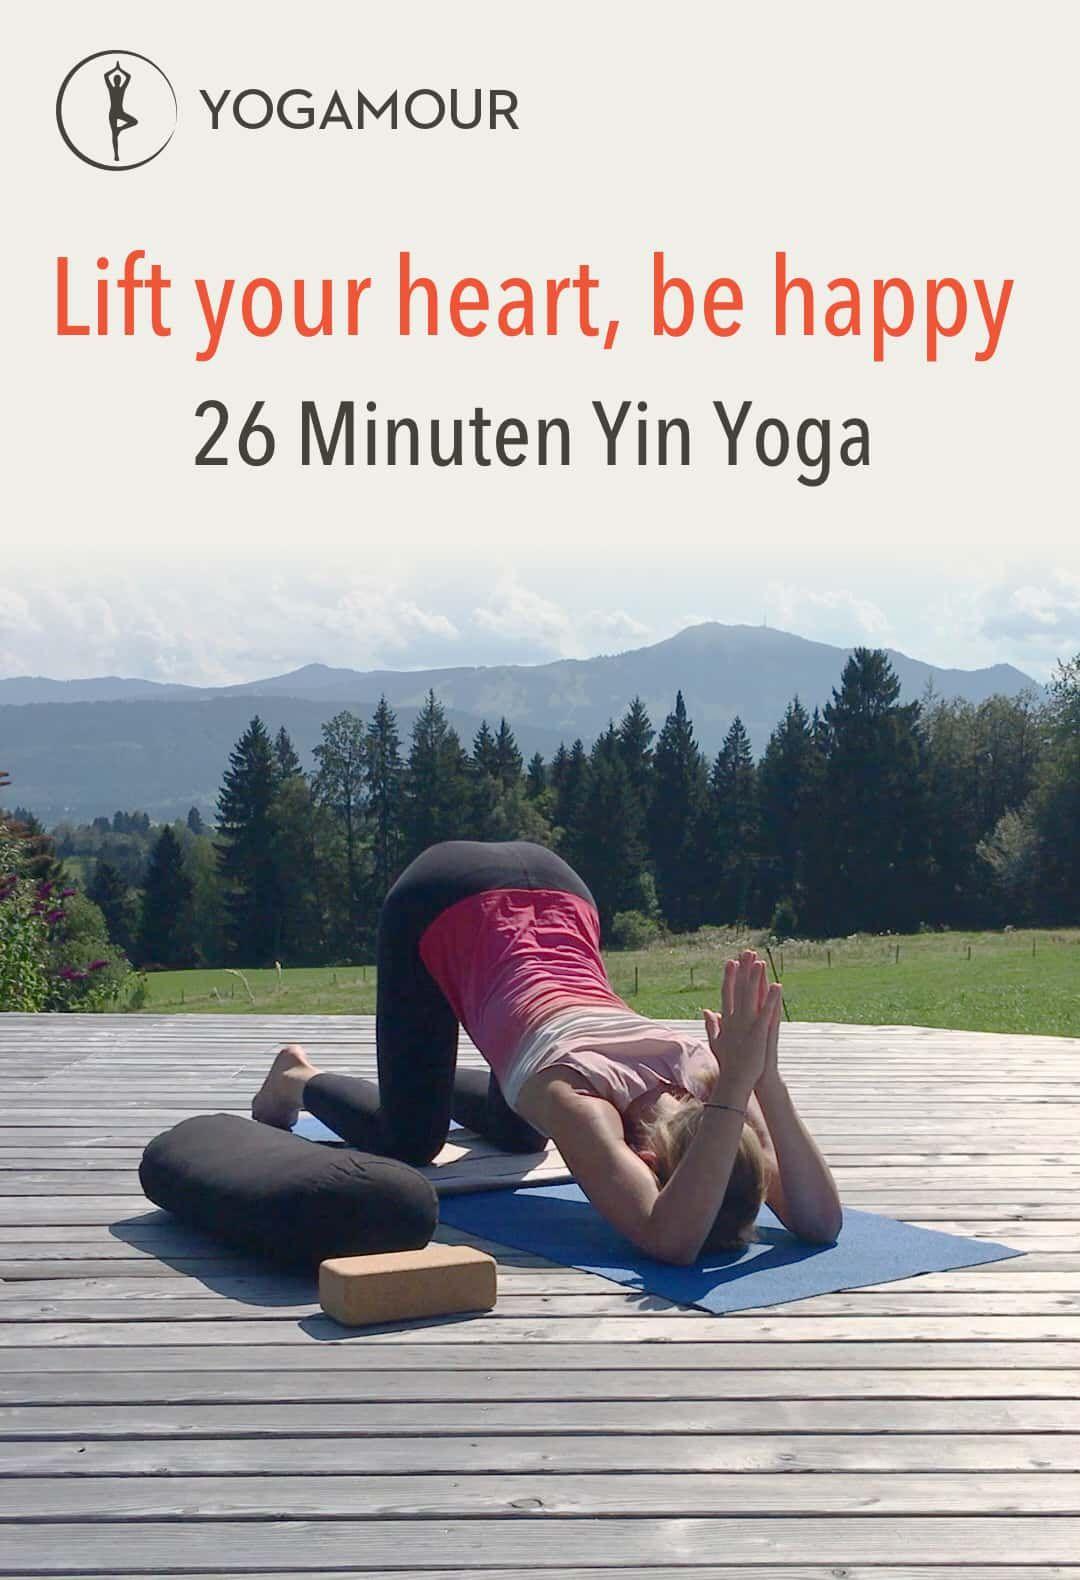 Faszien mit Yin Yoga bearbeiten, das Herz öffnen  bei Nackenschmerzen Verspannungen für  Nacken Schulter Rücken auf der Terrasse und im Garten #fitnessvideos